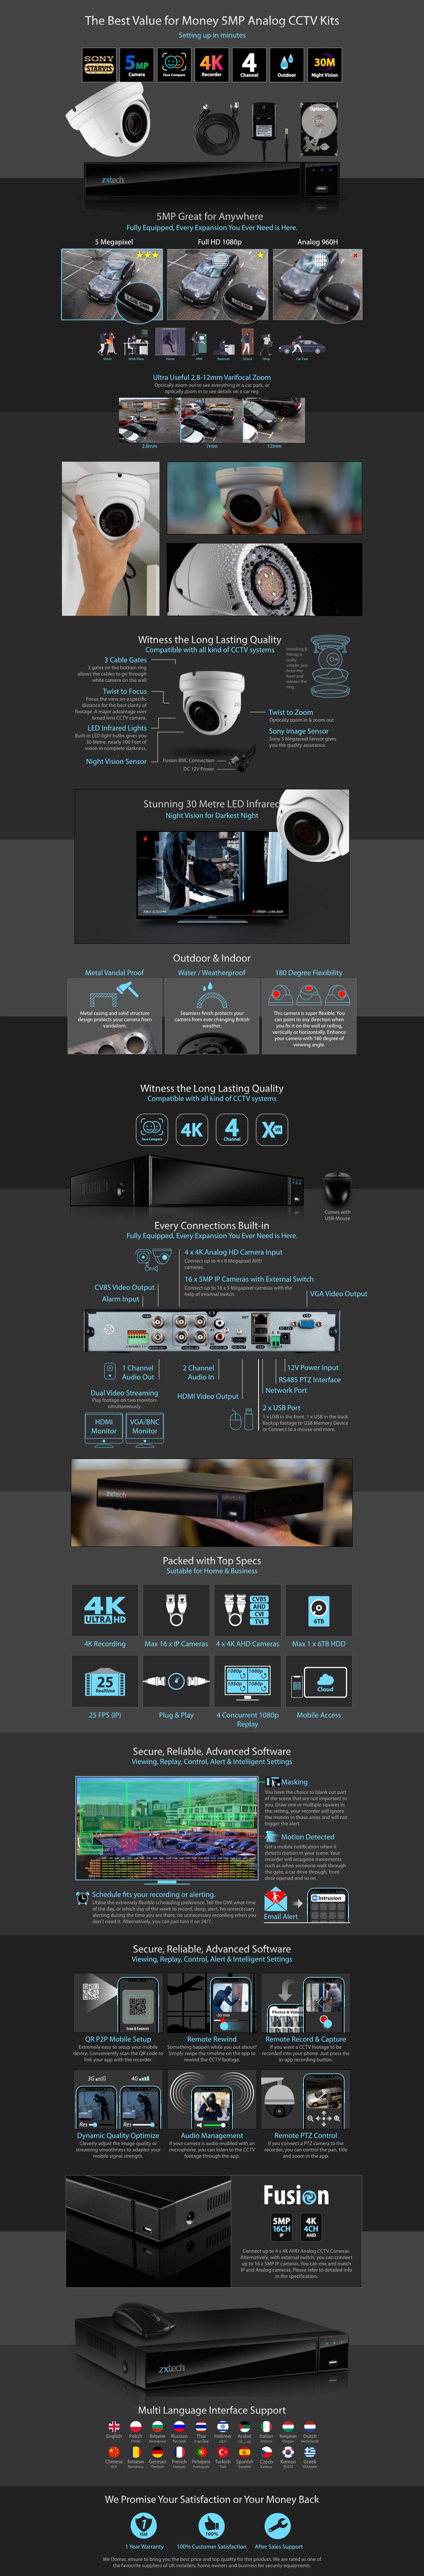 5MP AHD CCTV System Complete DVR HD Analog Camera Waterproof Varifocal | AF1D4Z